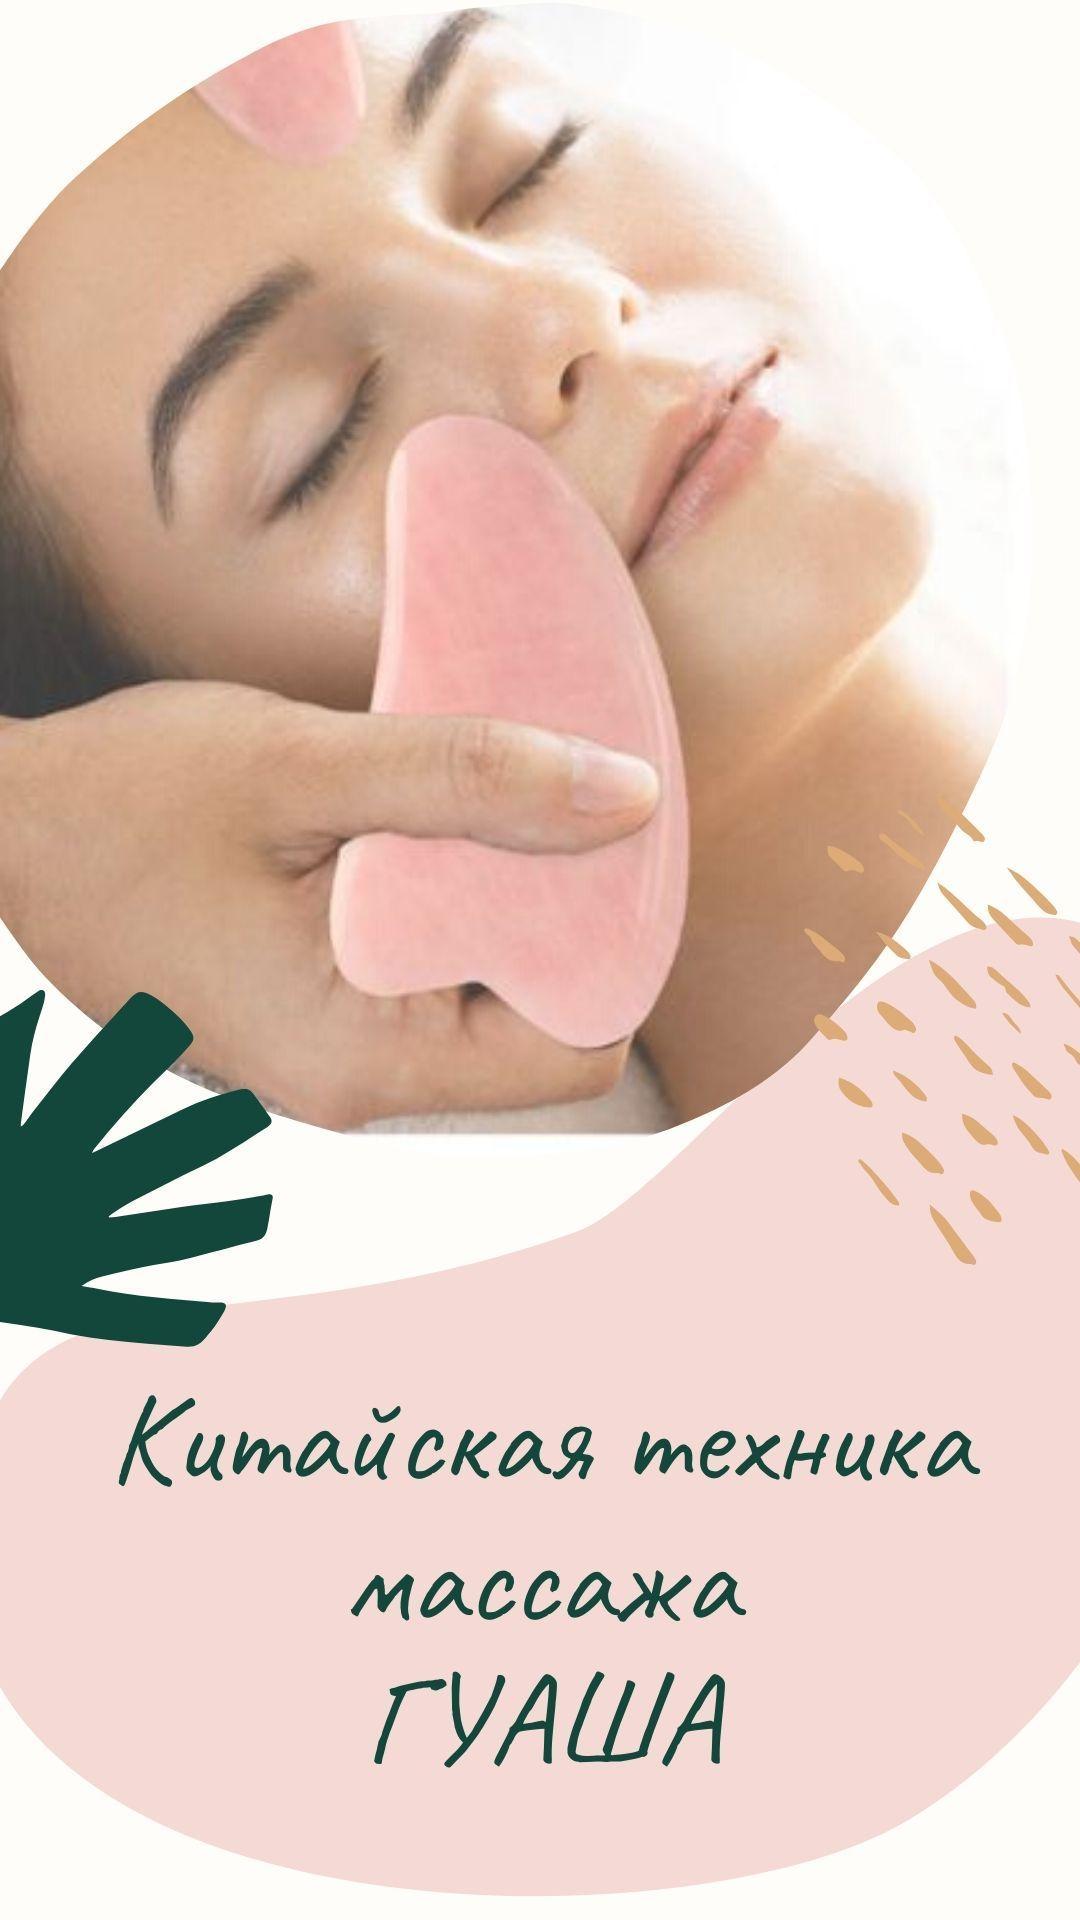 Косметический массаж гуаша красивое кружевное нижнее белье на крупных женщин